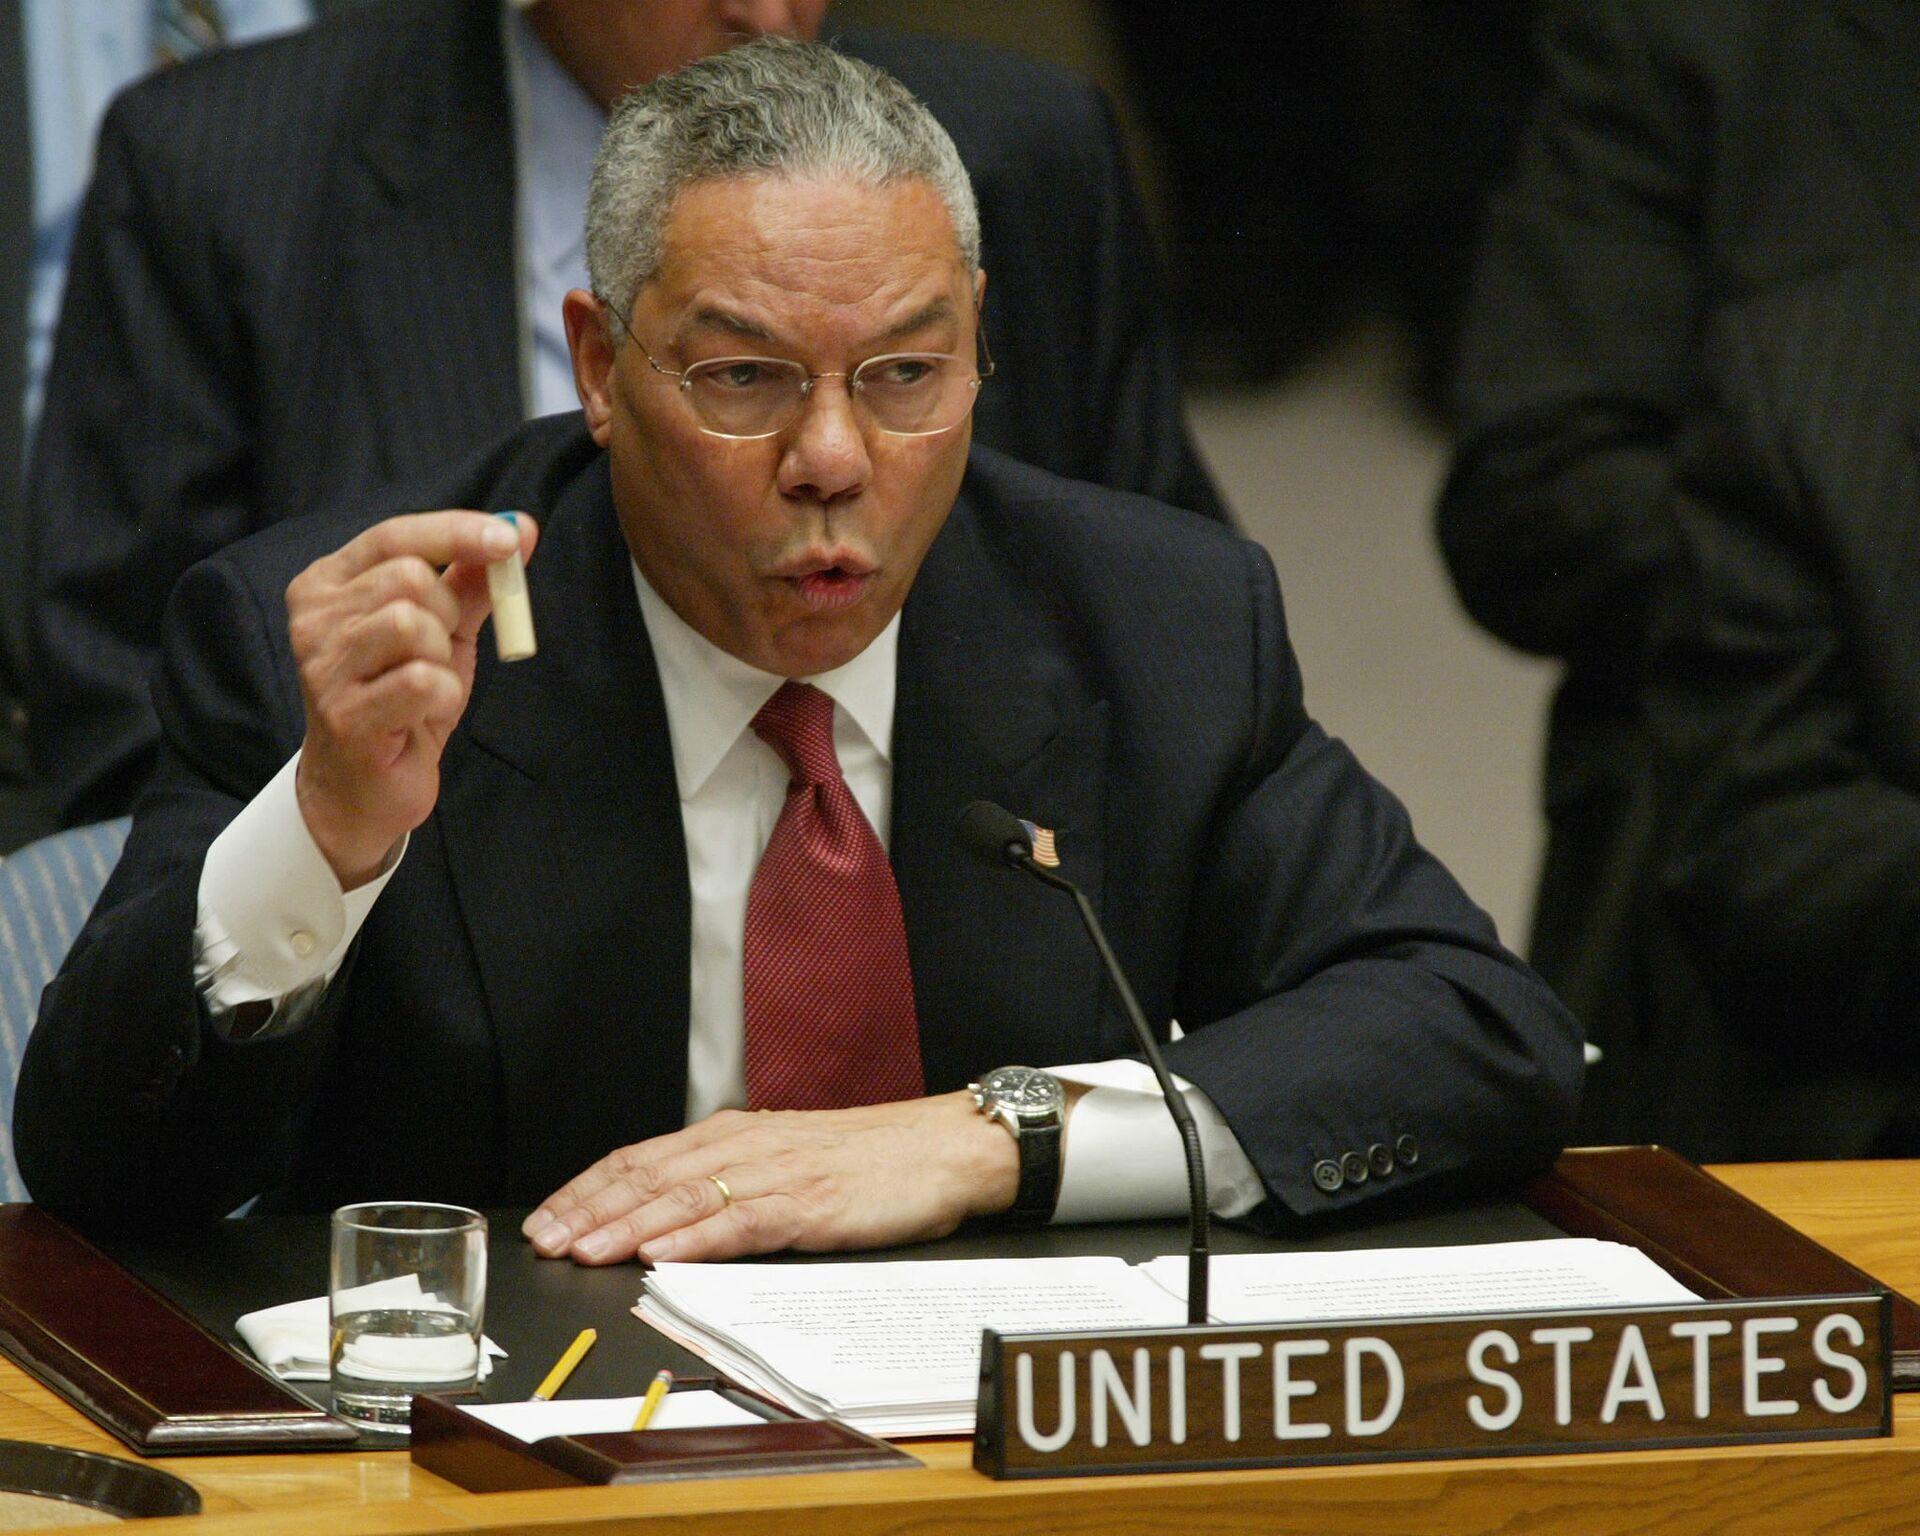 Státní tajemník Colin Powell se zkumavkou na zasedání Rady bezpečnosti OSN, 2003 - Sputnik Česká republika, 1920, 03.08.2021